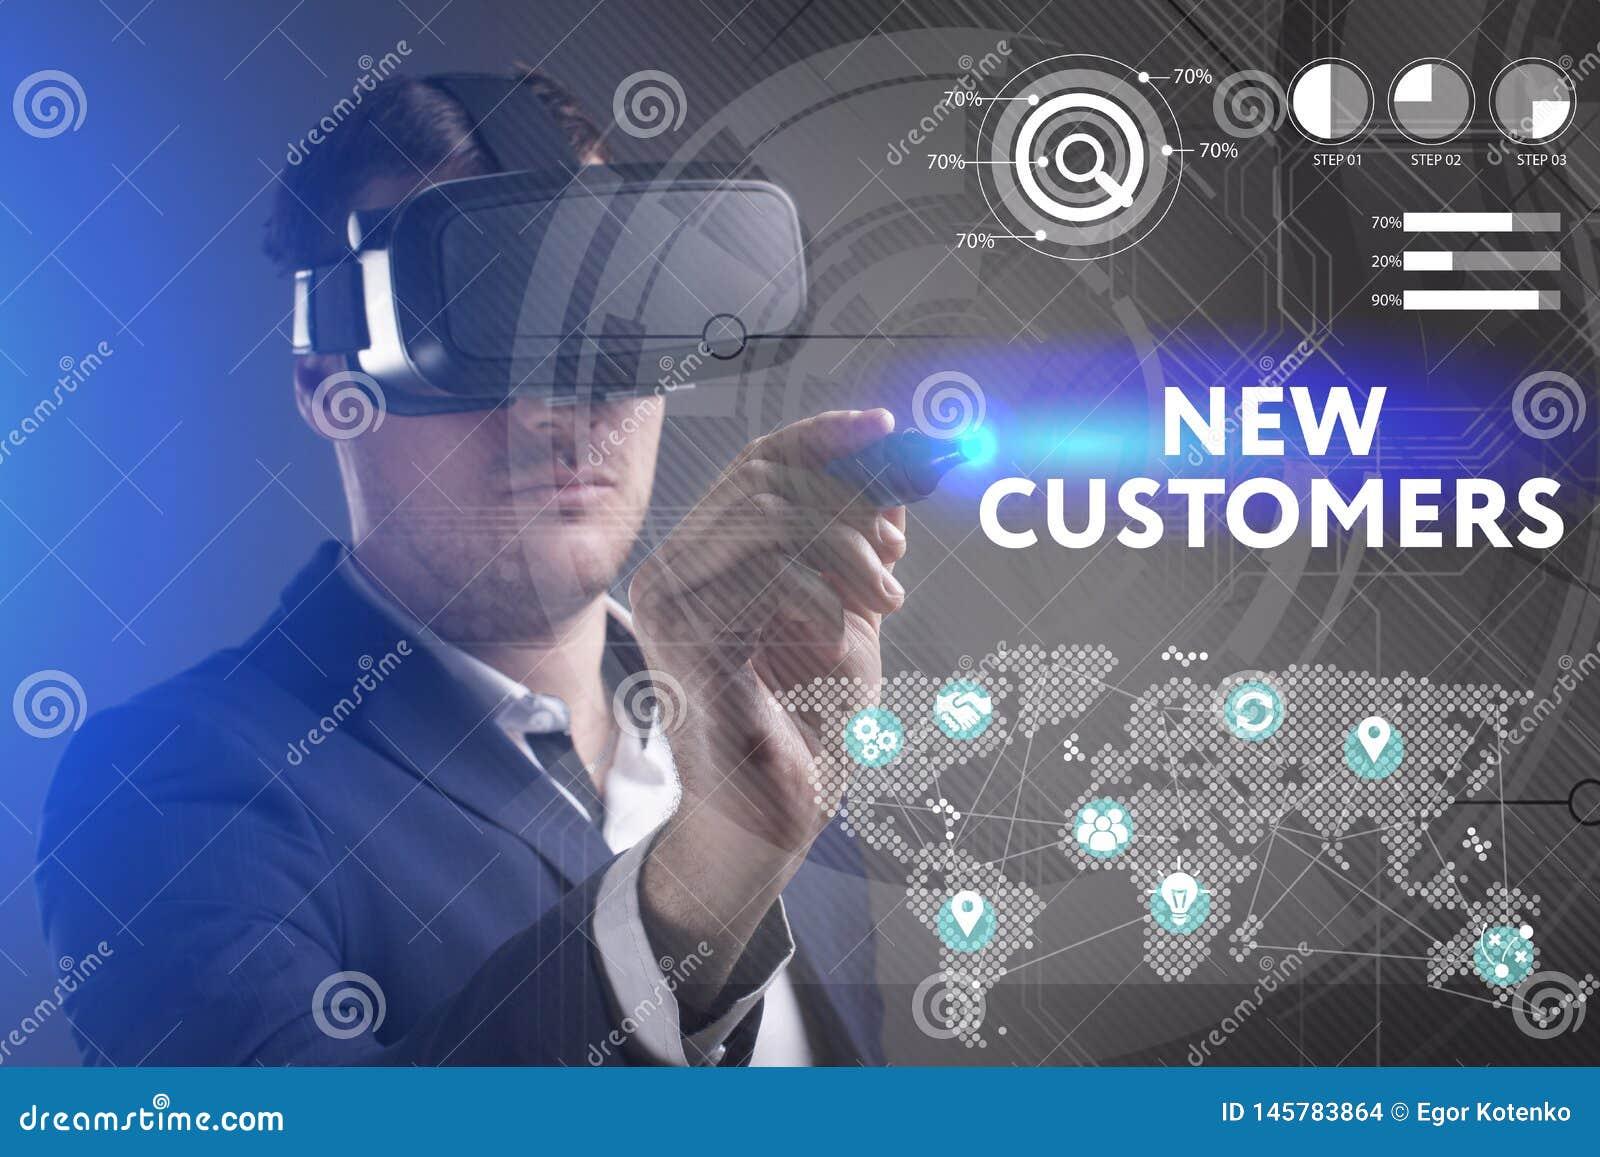 Biznesu, technologii, interneta i sieci poj?cie, M?ody biznesmen pracuje w rzeczywisto?? wirtualna szk?ach widzii inskrypcj?: Now